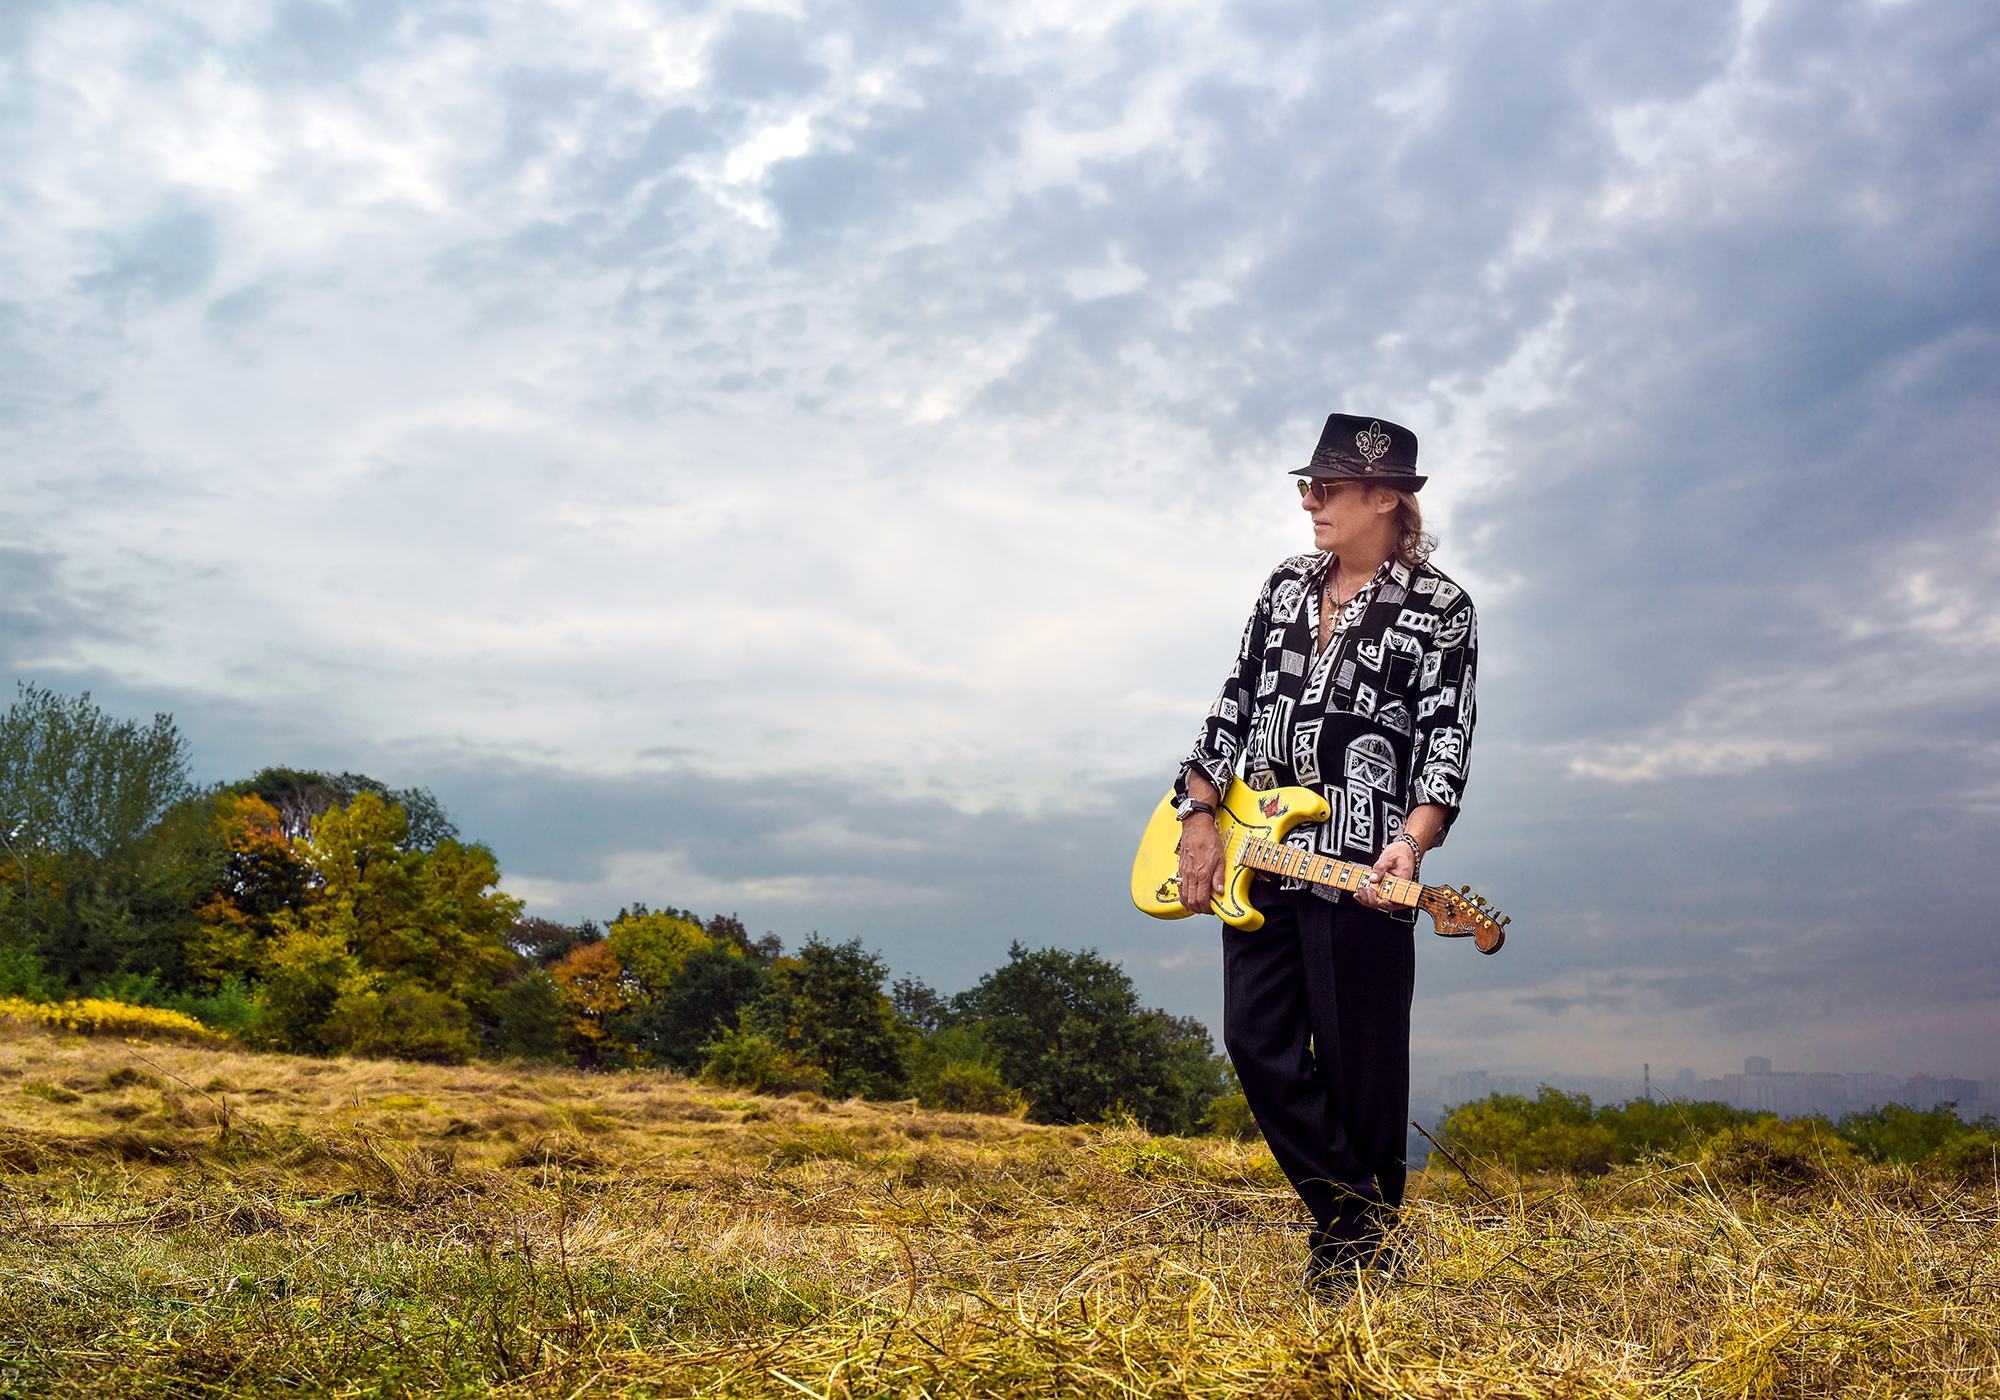 крестный ход, Великий Всеукраинский крестный ход — 2016. Итог, Авторская студия профессионального фотографа Сергея Рыжкова